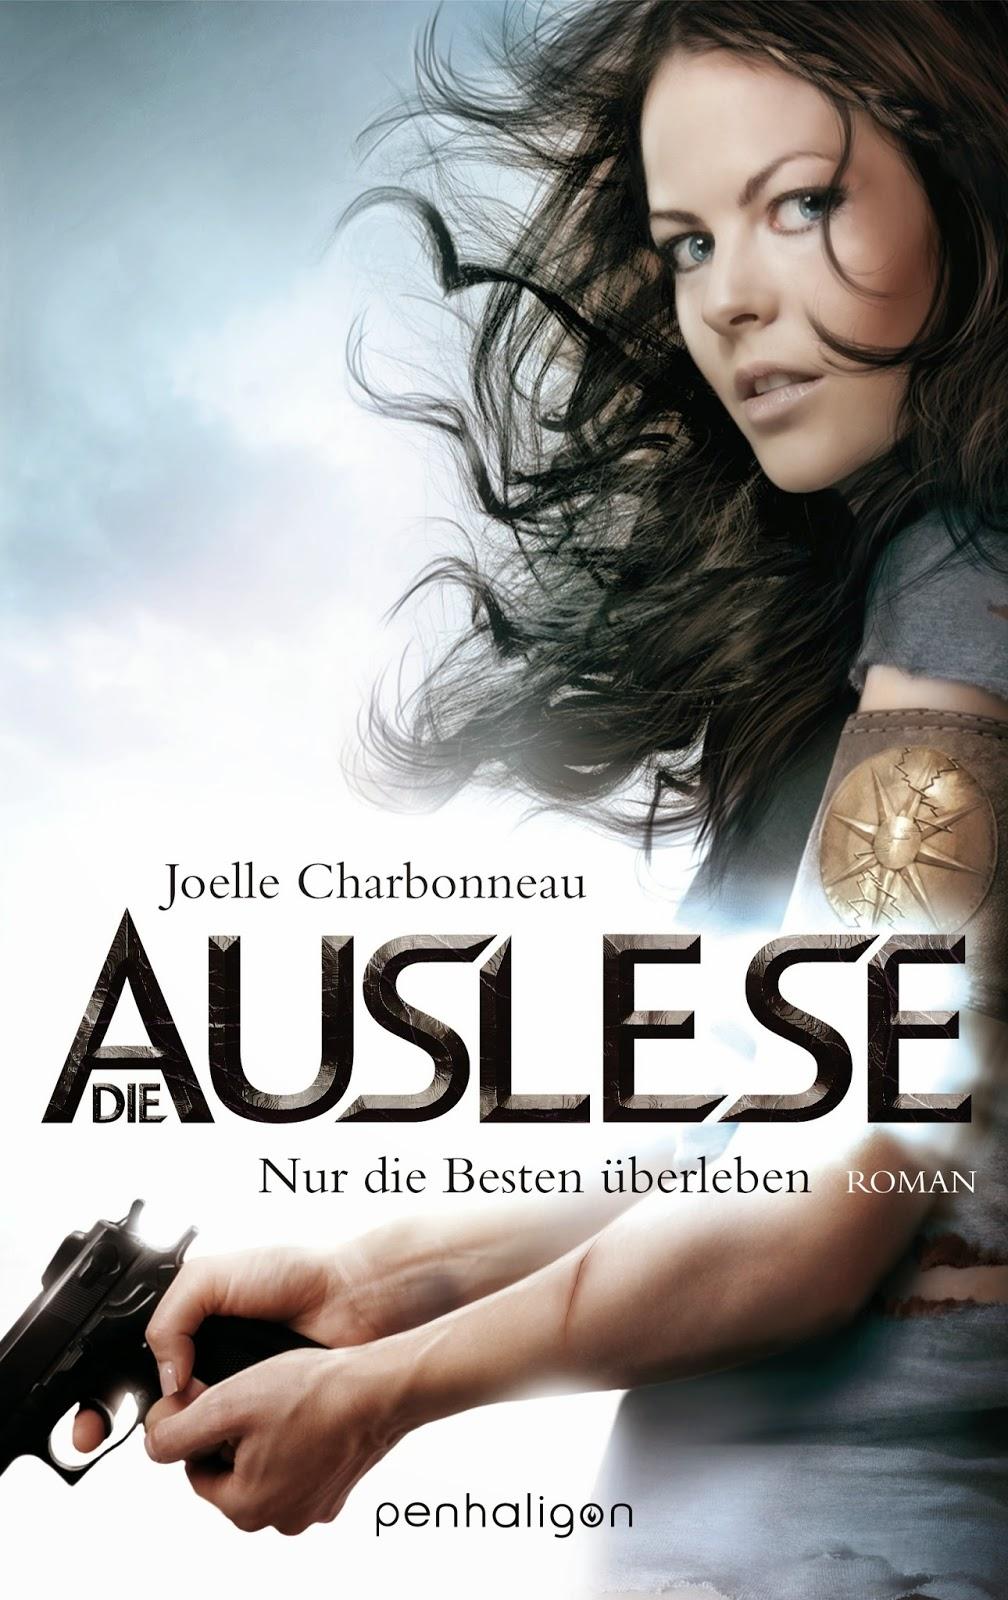 http://www.randomhouse.de/Presse/Buch/Die-Auslese-Nur-die-Besten-ueberleben-Roman/Joelle-Charbonneau/pr417475.rhd?pub=45000&men=1&mid=5